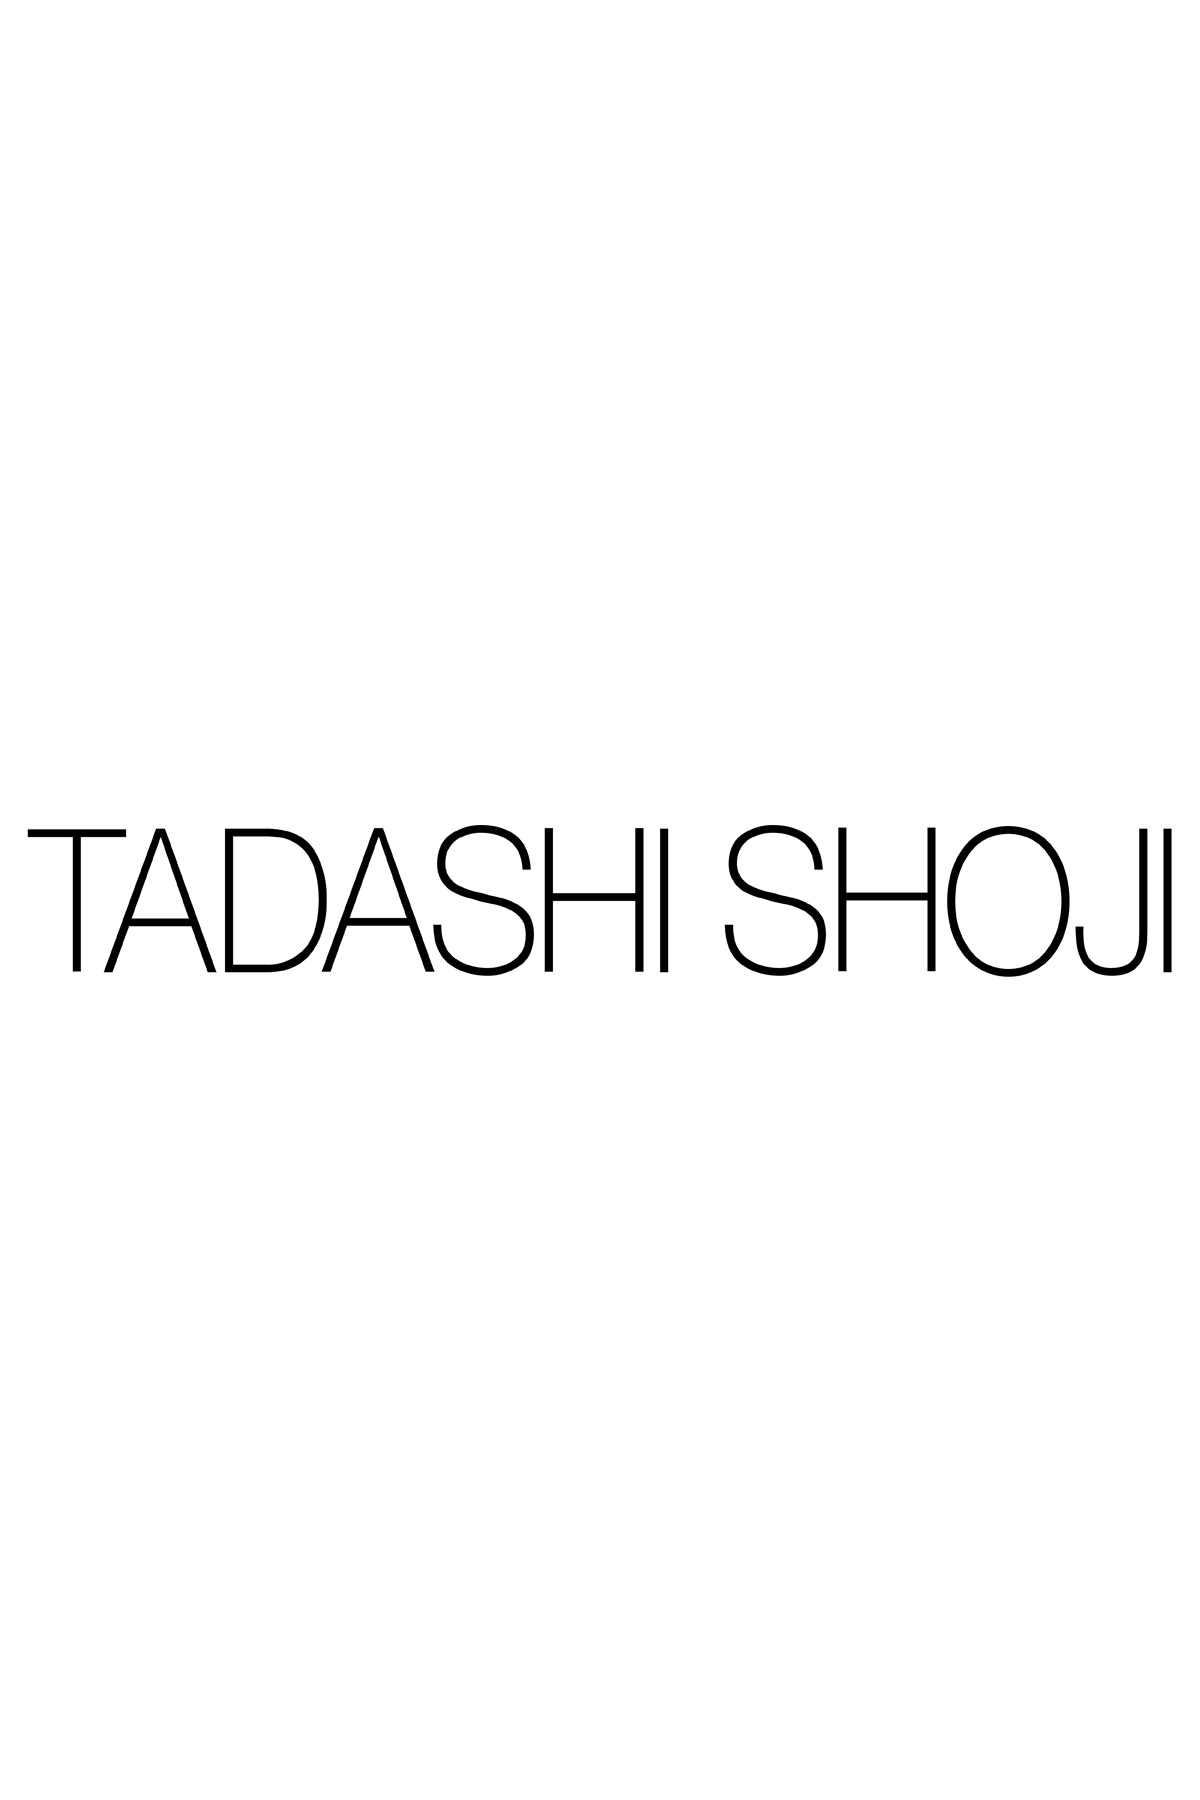 Tadashi Shoji - Brooklyn Embroidered Tassel Gown